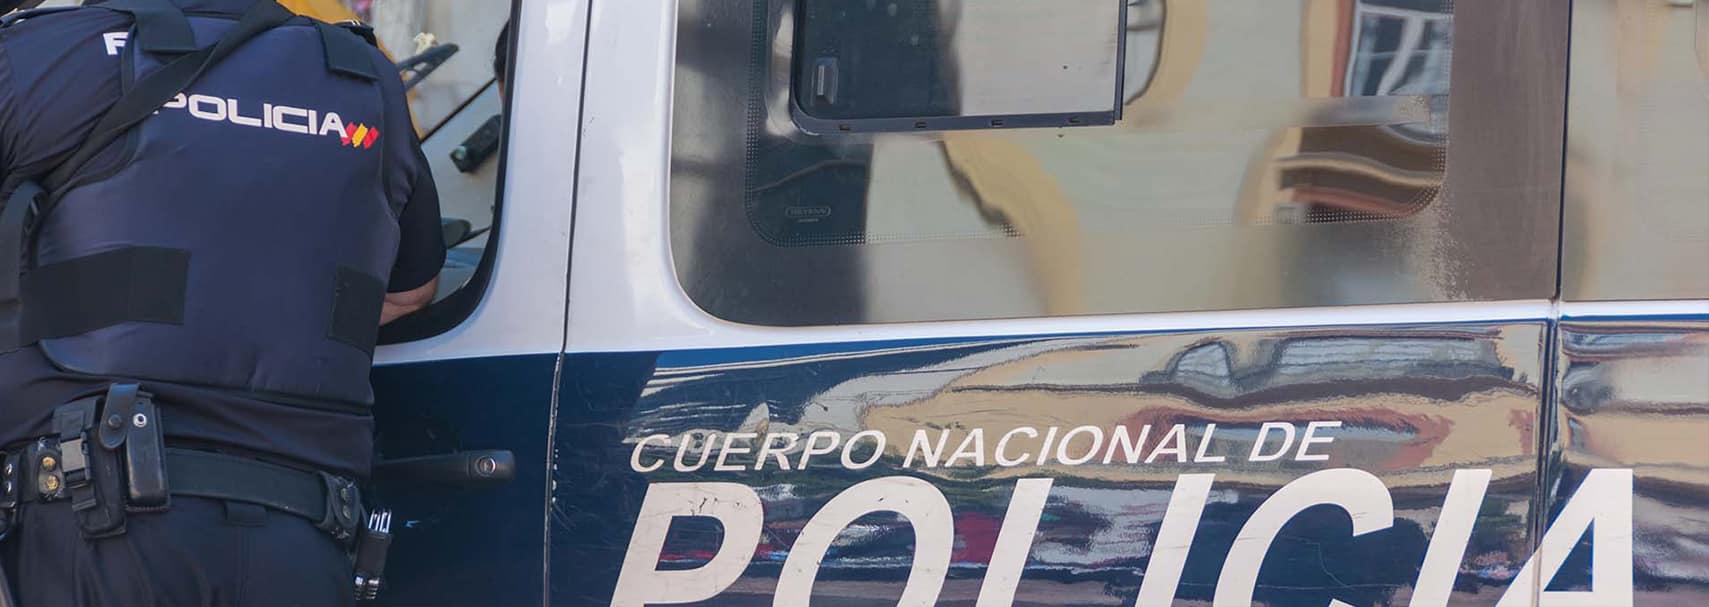 La entrevista en los procesos selectivos de la Guardia Civil y de la Policía Nacional